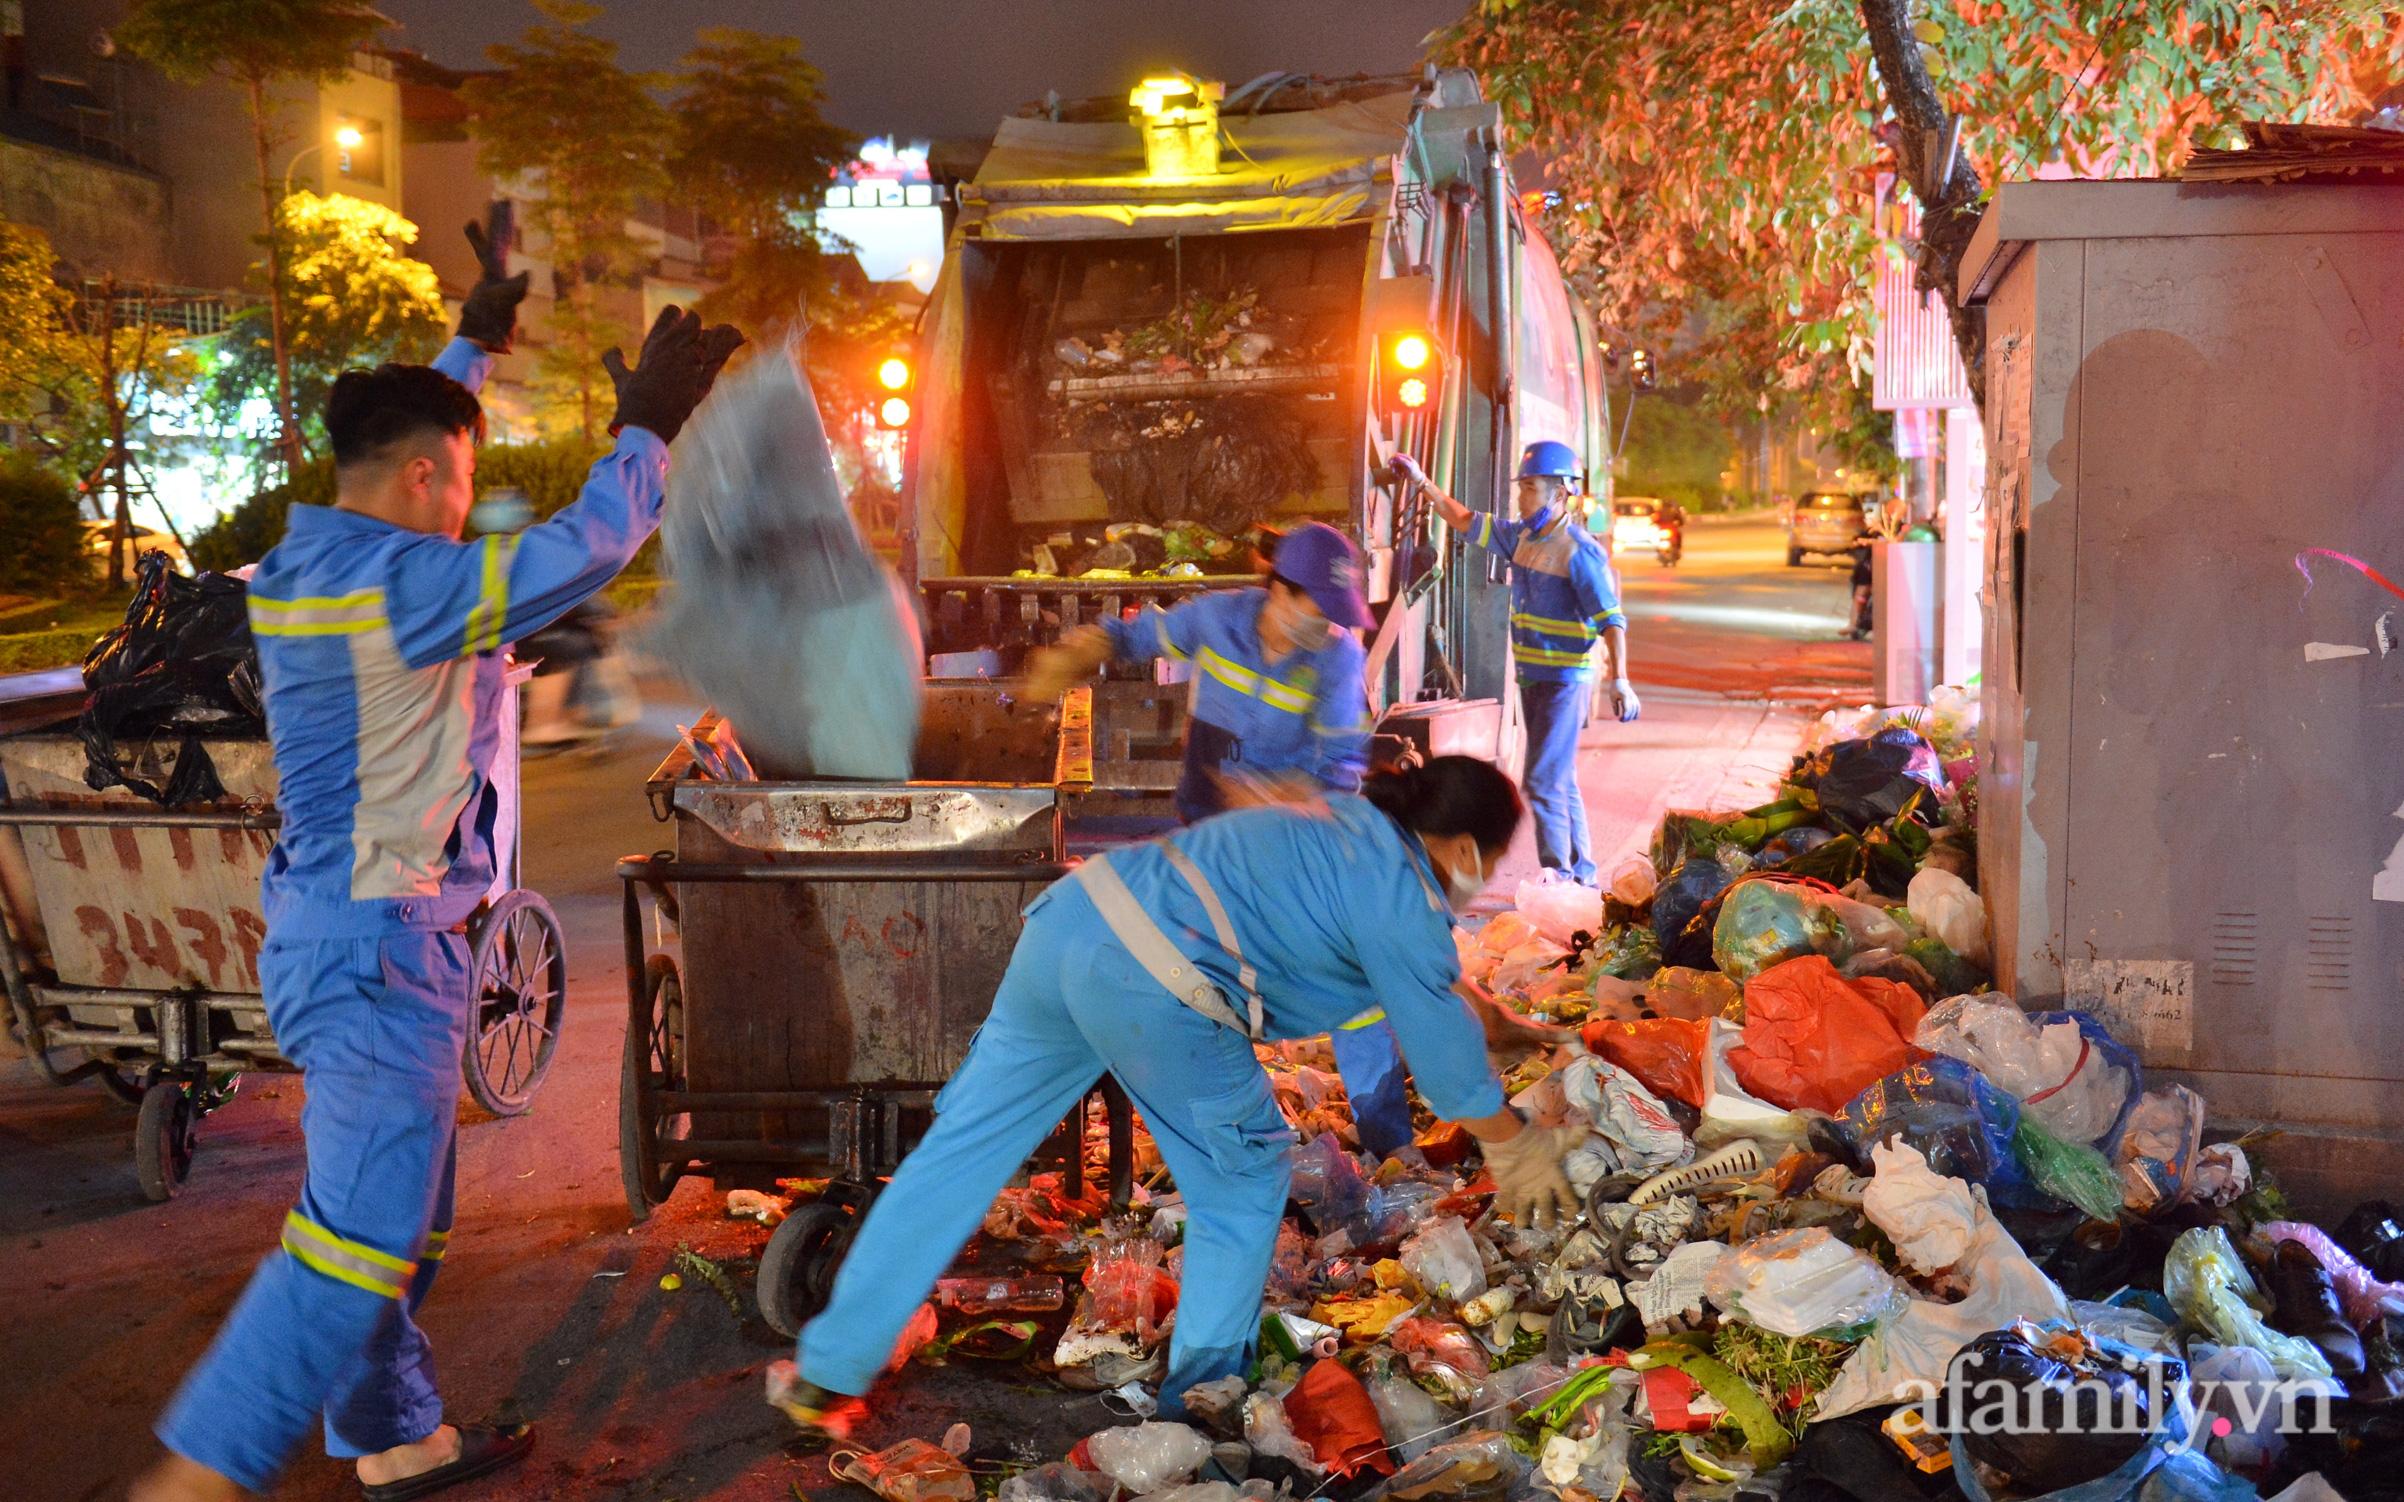 """Hà Nội: Dân lại chặn xe vào bãi rác Nam Sơn, khu vực trung tâm ngập trong """"biển rác"""" bốc mùi hôi thối"""